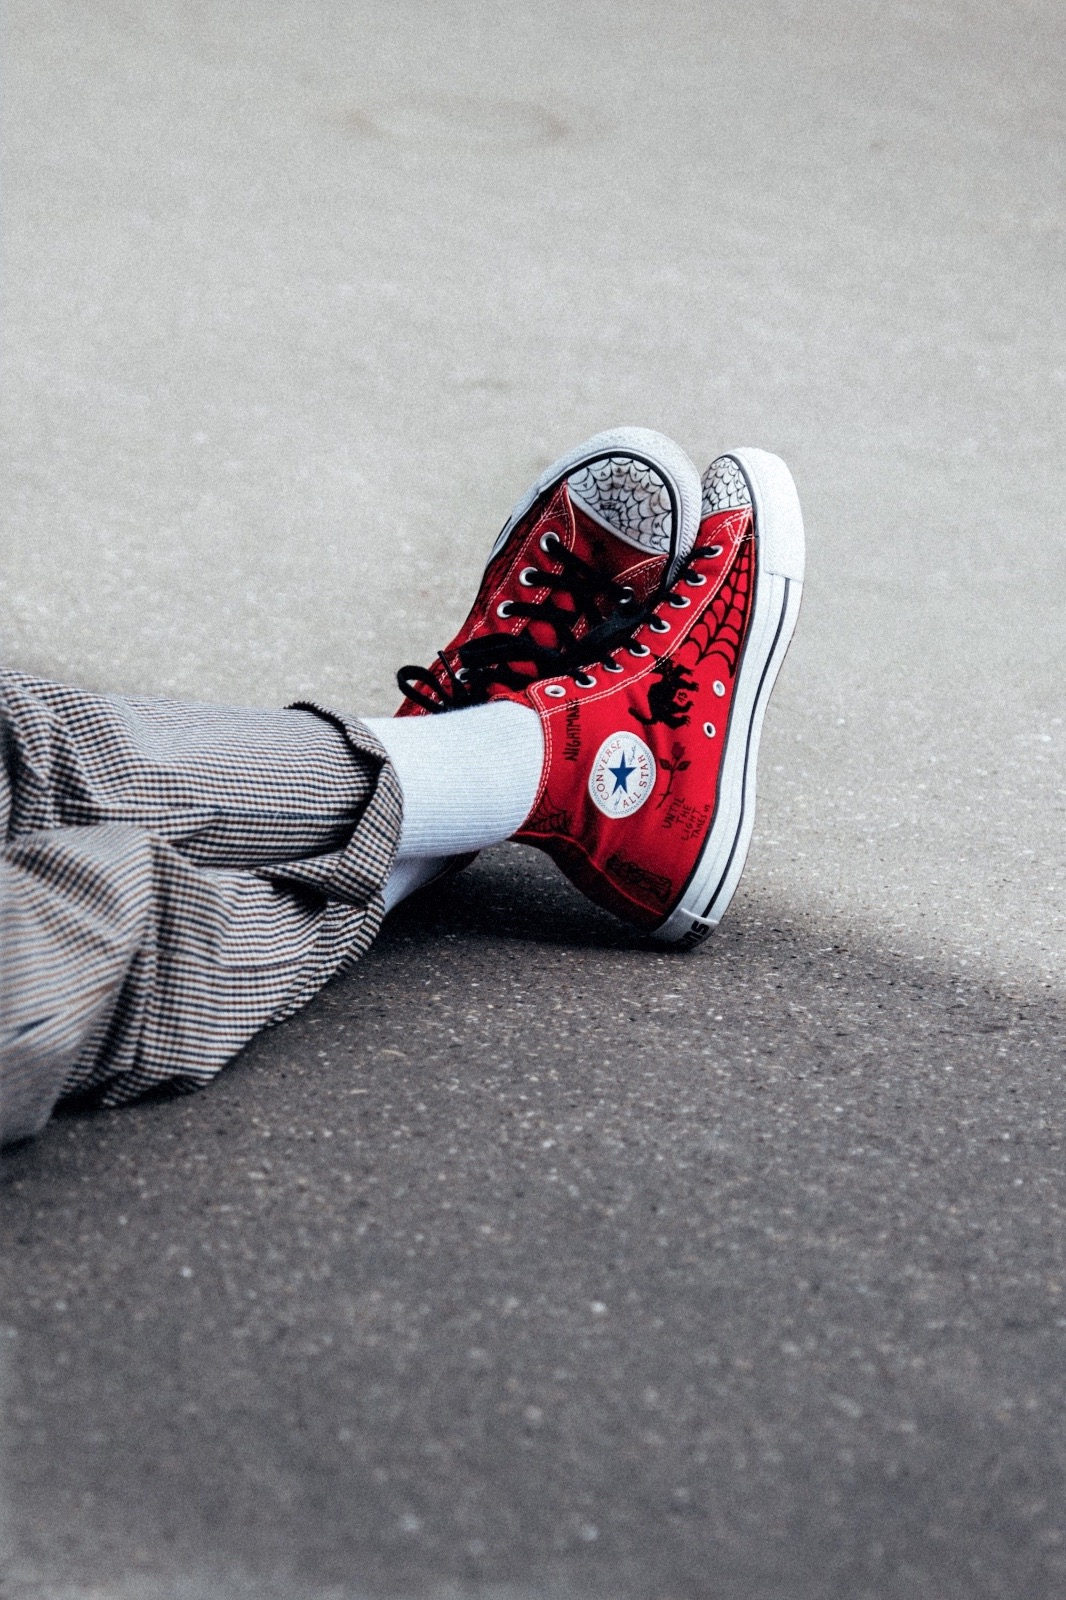 582c0ff87c74 Le skateur Sean Pablo a imaginé deux Converse Chuck Taylor All-Star  revisitées